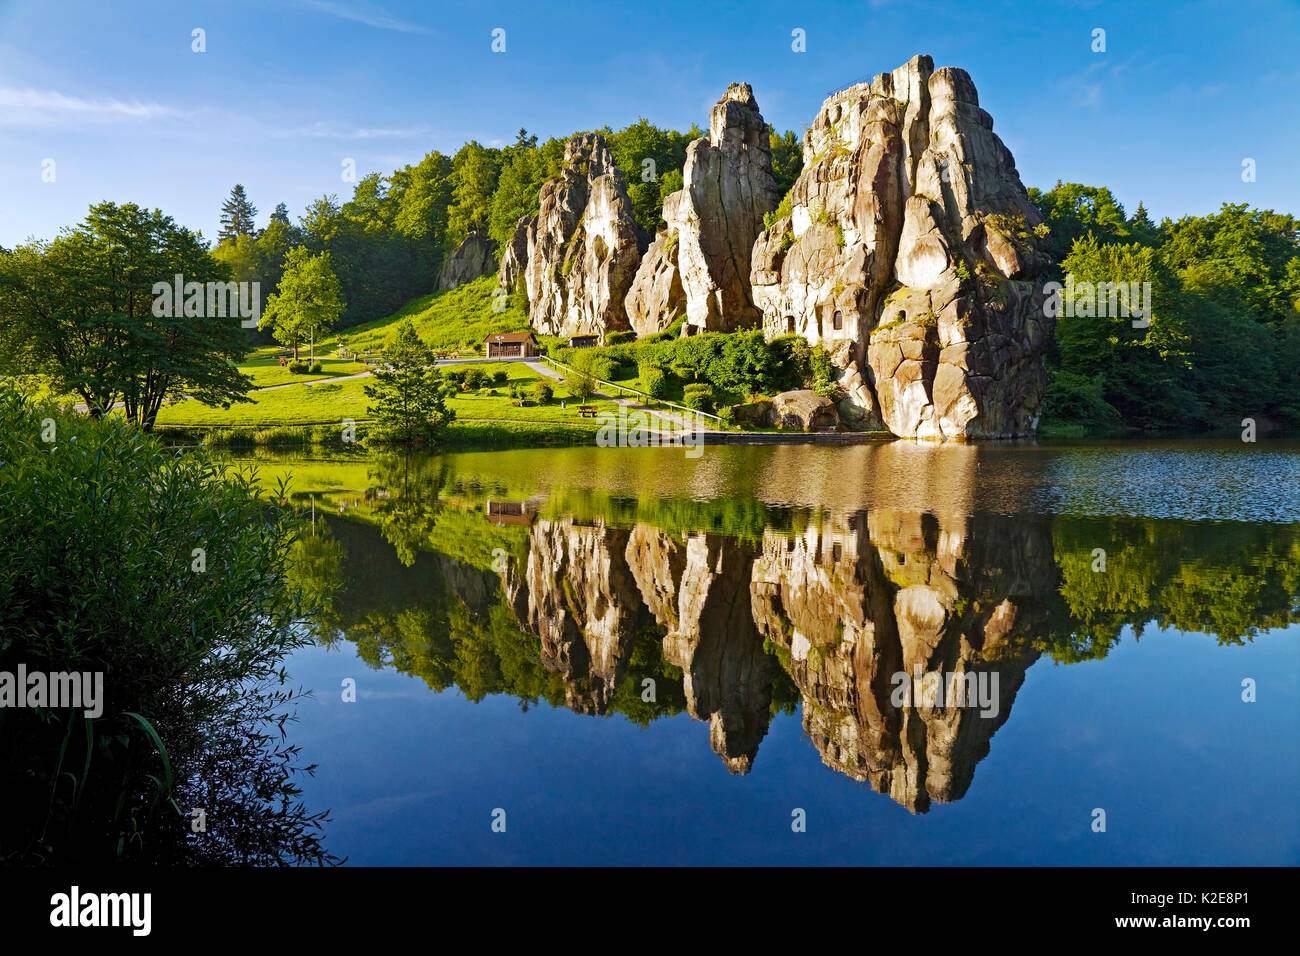 Horn Bad extern stones externsteine sandstone formation teutoburg forest